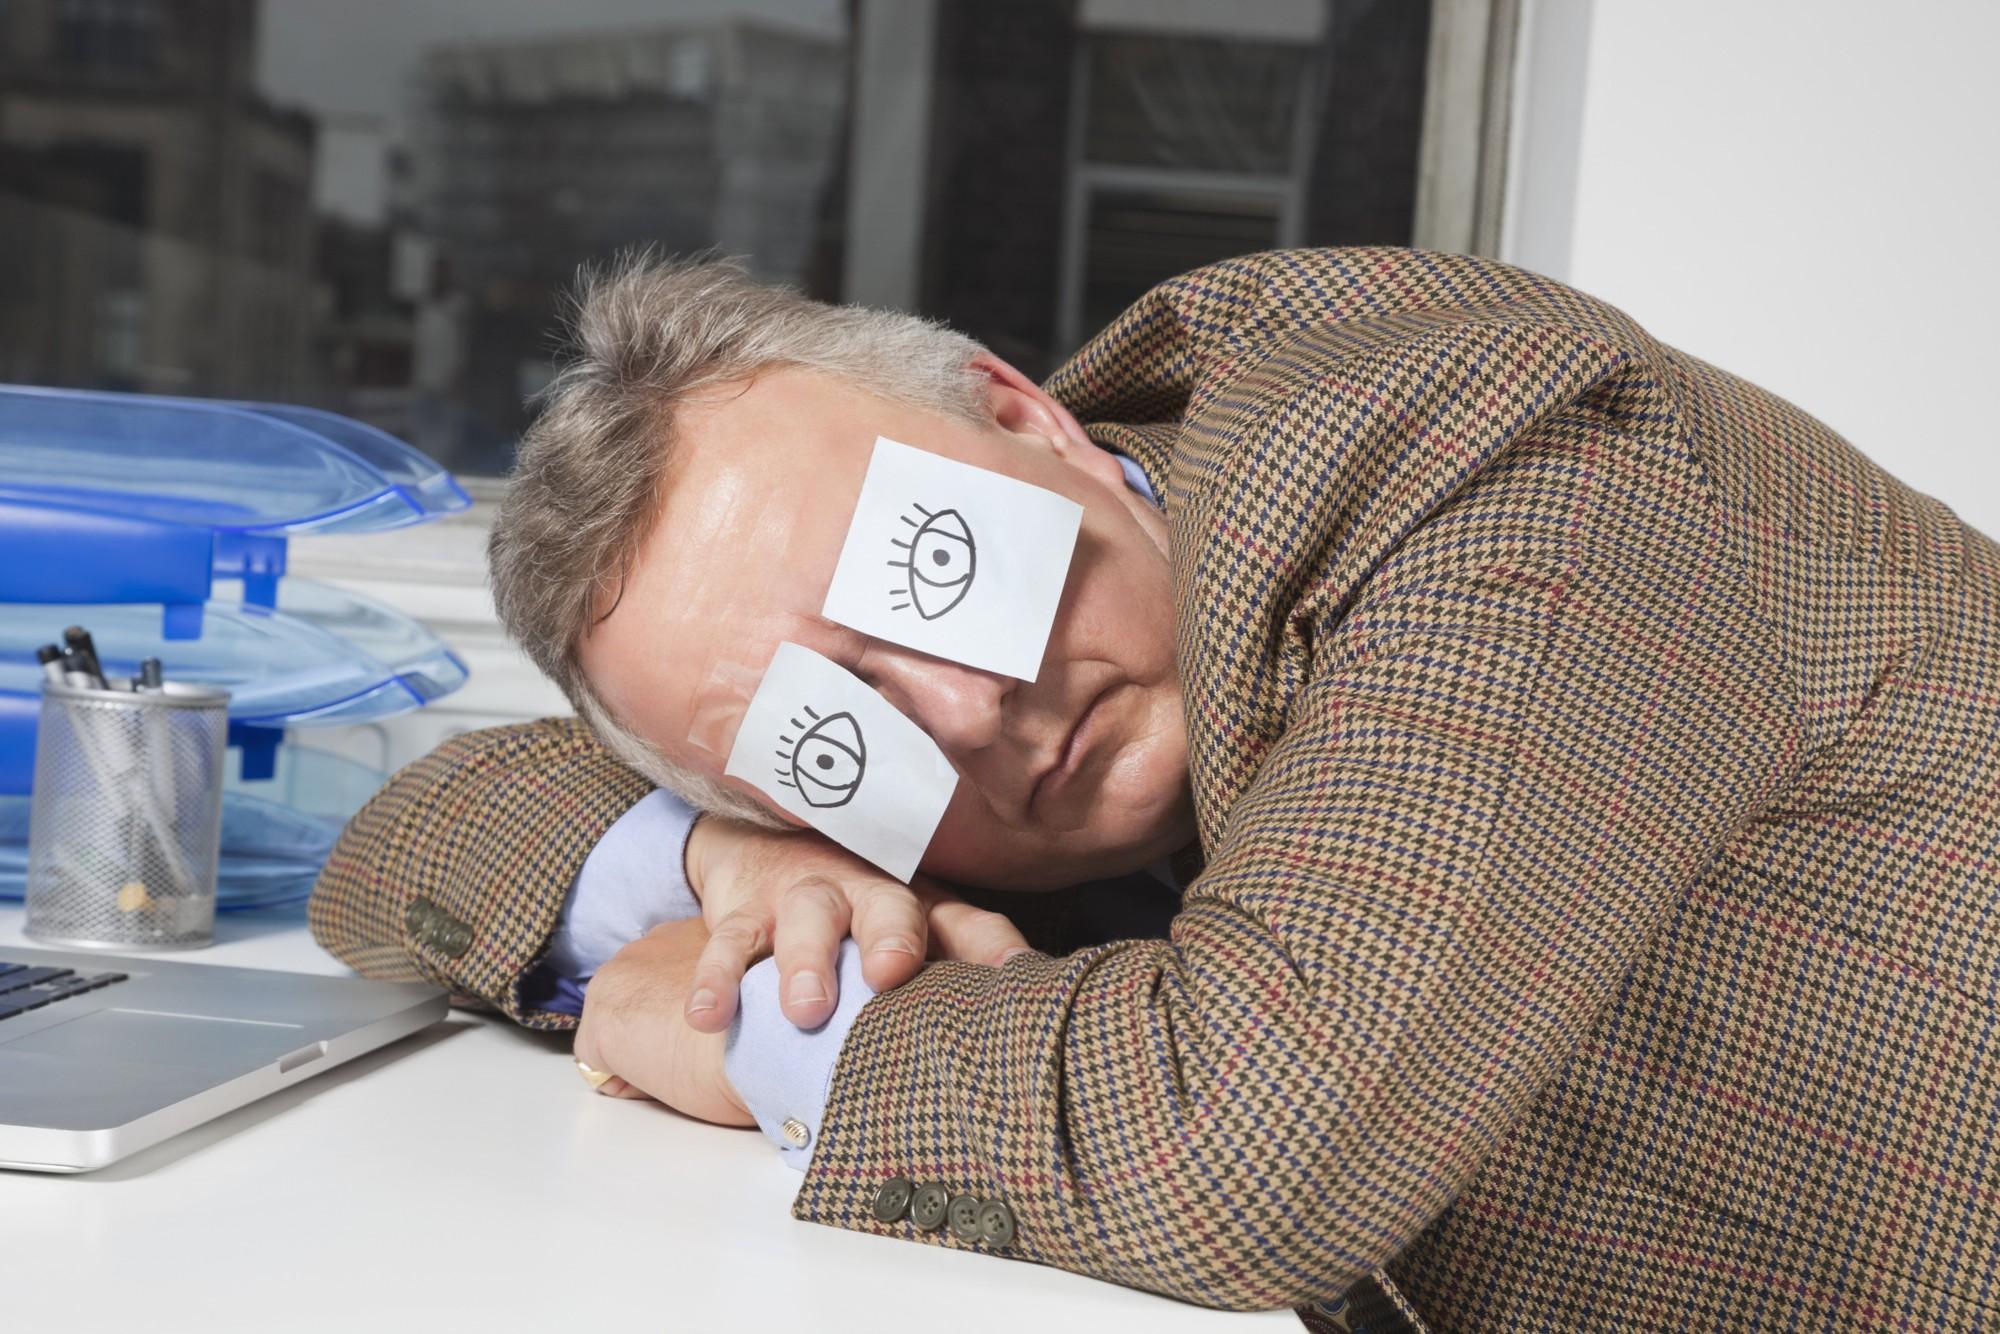 Những lầm tưởng về giấc ngủ có thể ảnh hưởng không ngờ đến sức khoẻ của bạn - Ảnh 4.